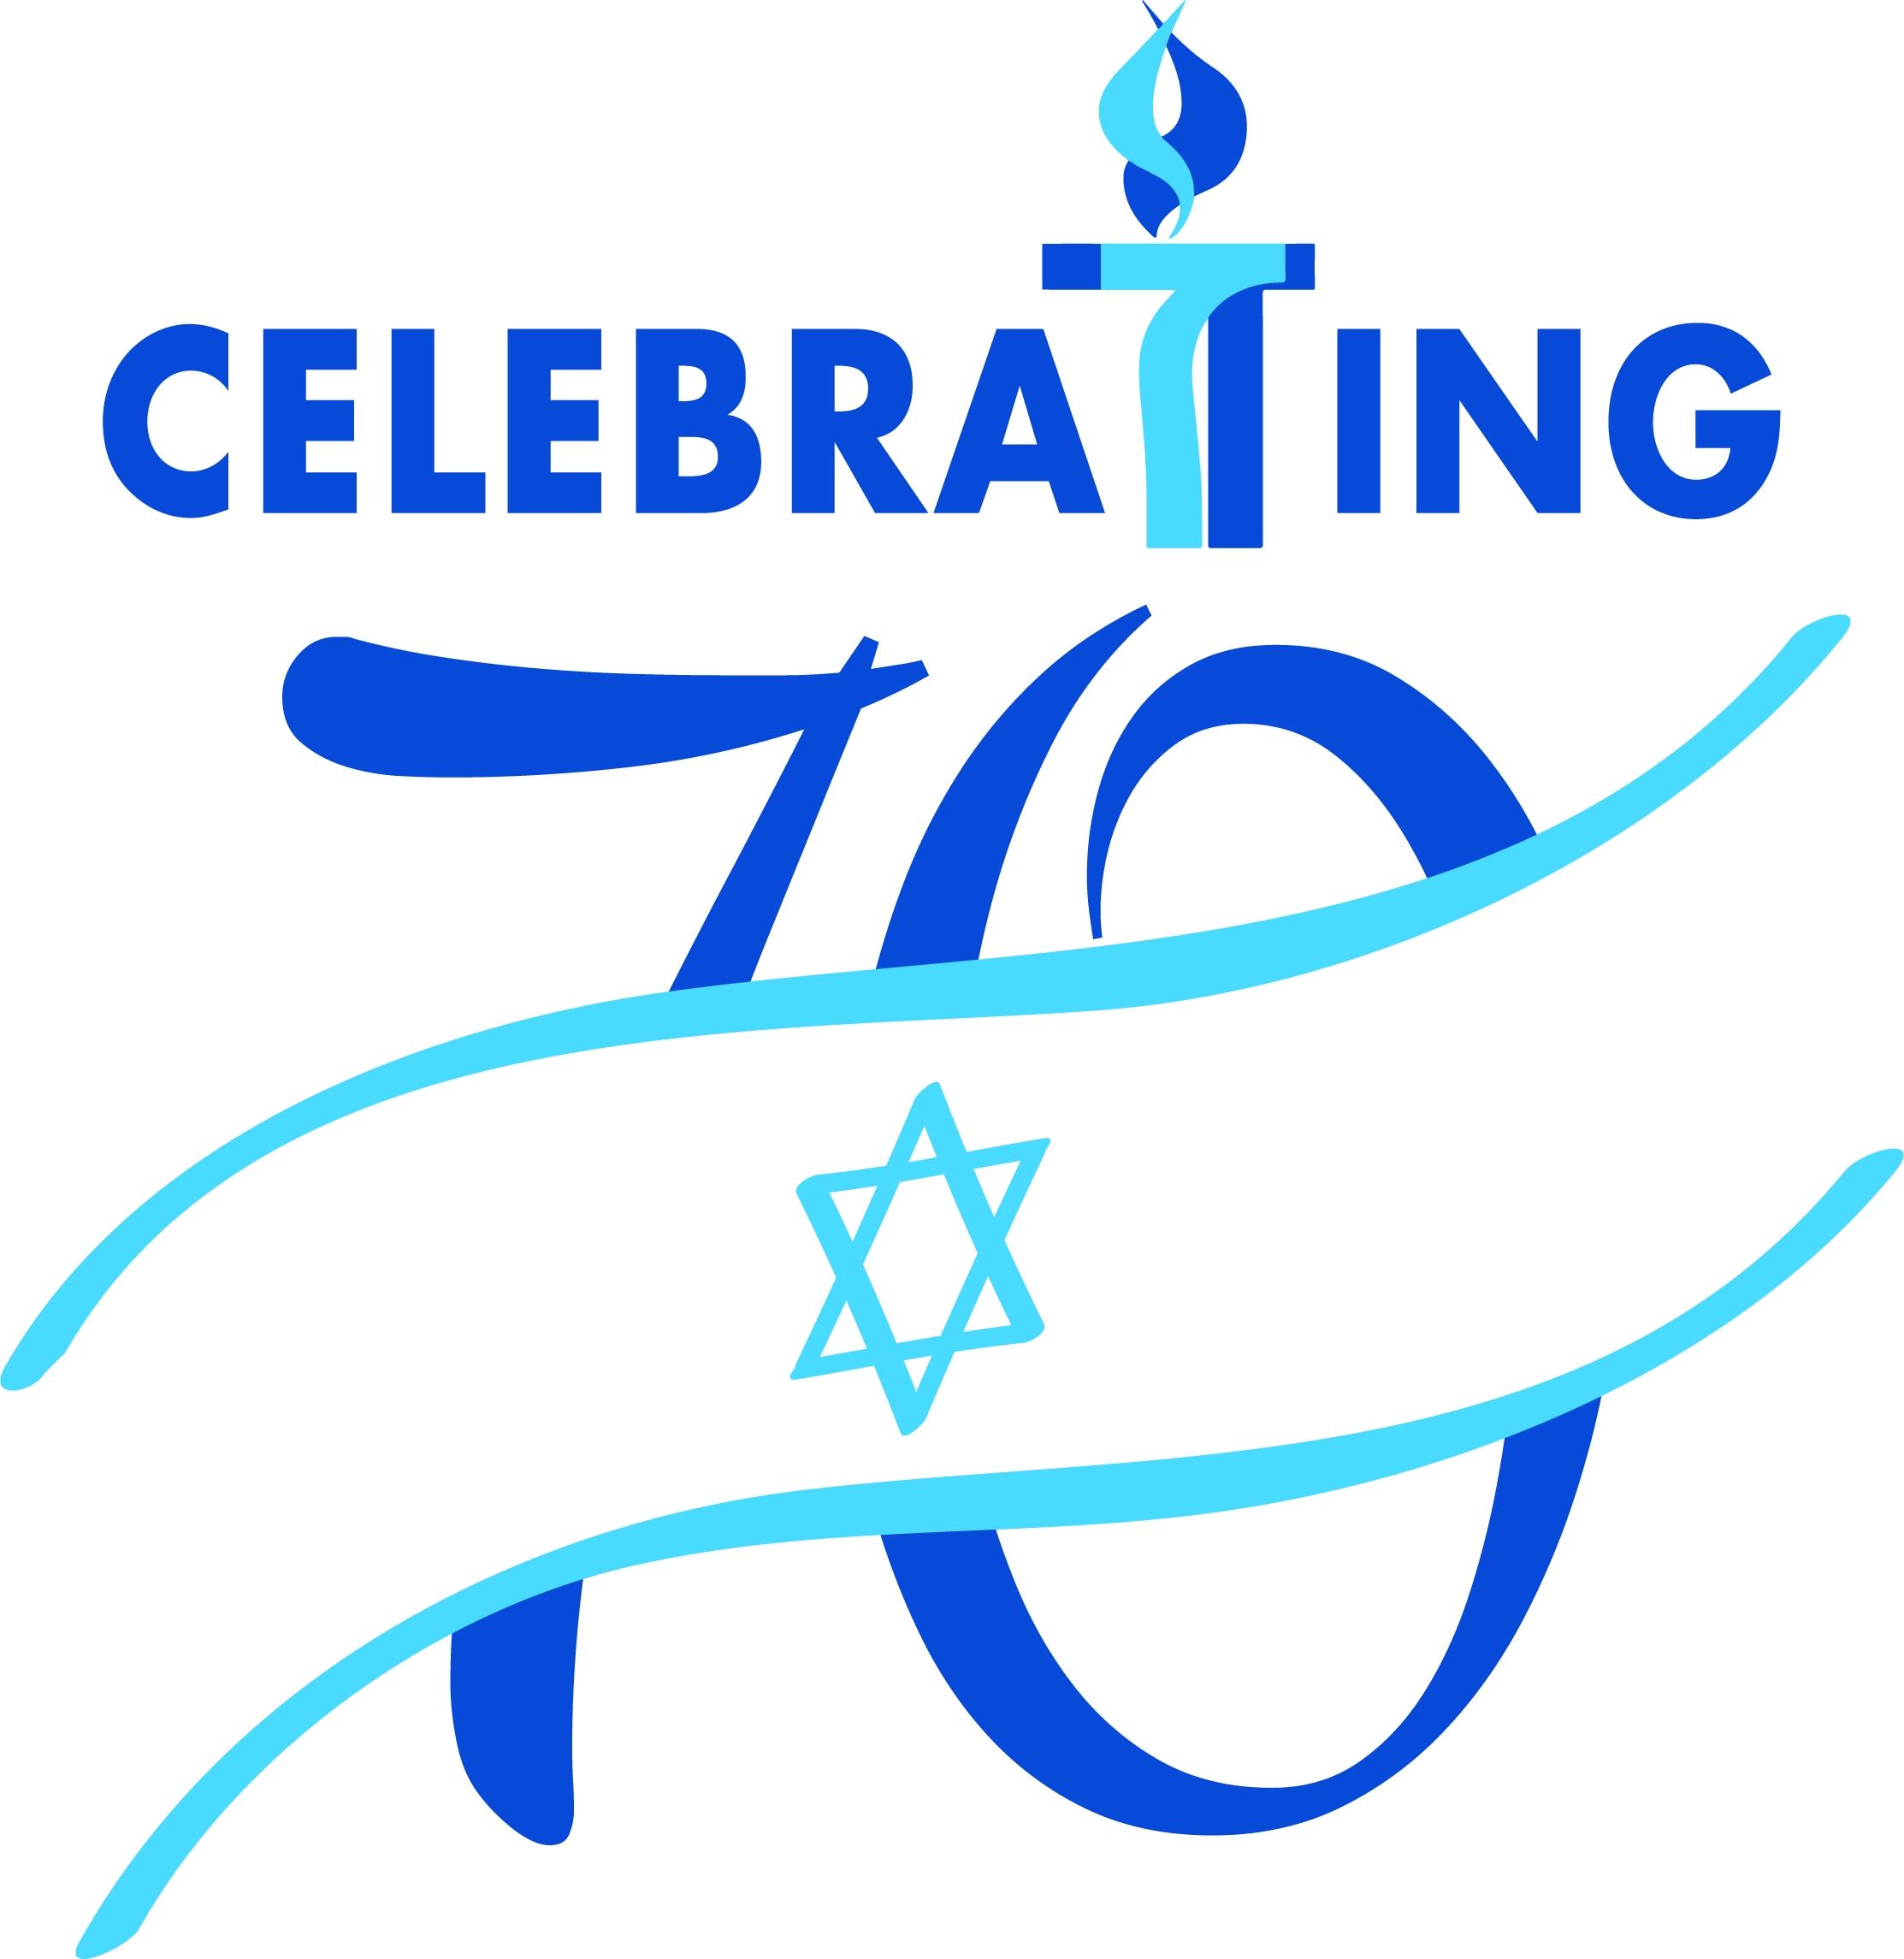 Israele compie 70 anni